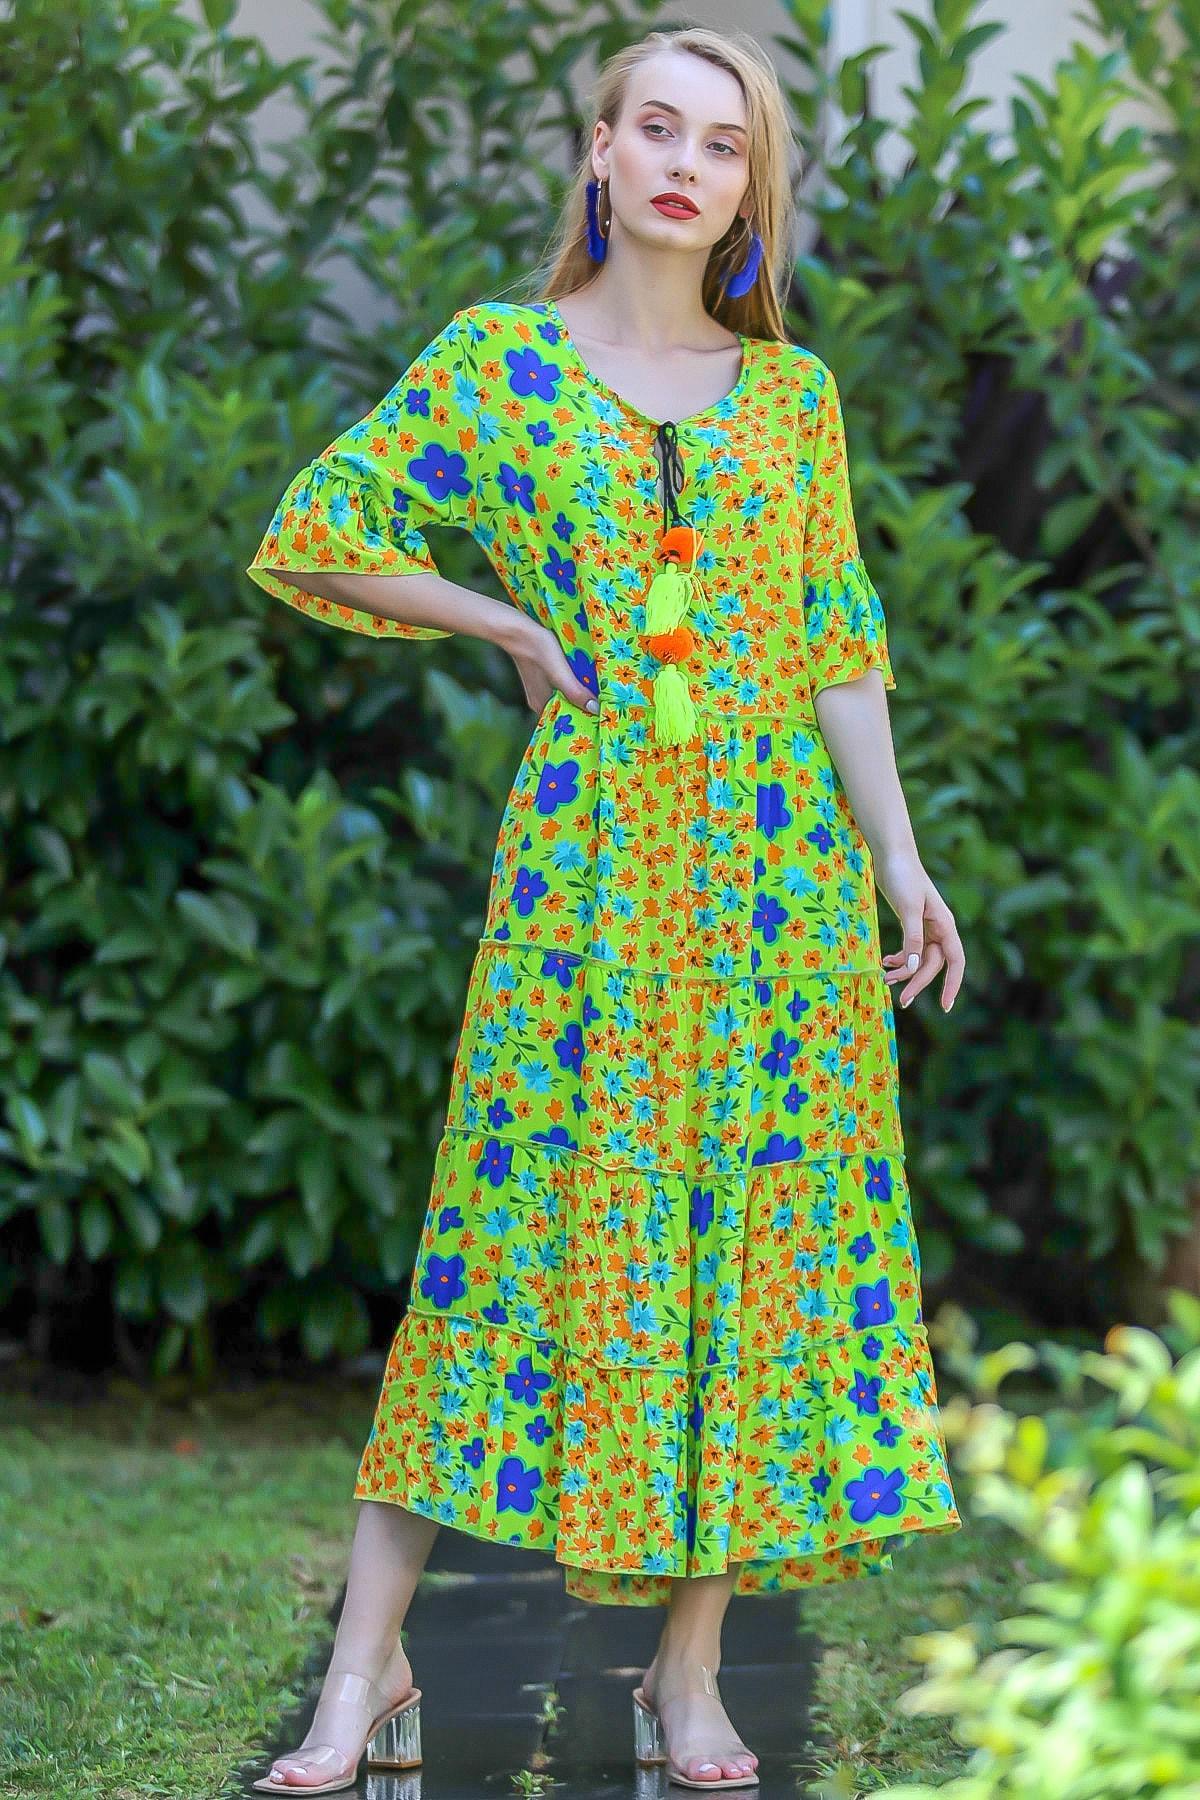 Chiccy Kadın Yeşil Bohem Çıtır Çiçek Desenli El Işi Püskül Detaylı Salaş Elbise M10160000El96565 0